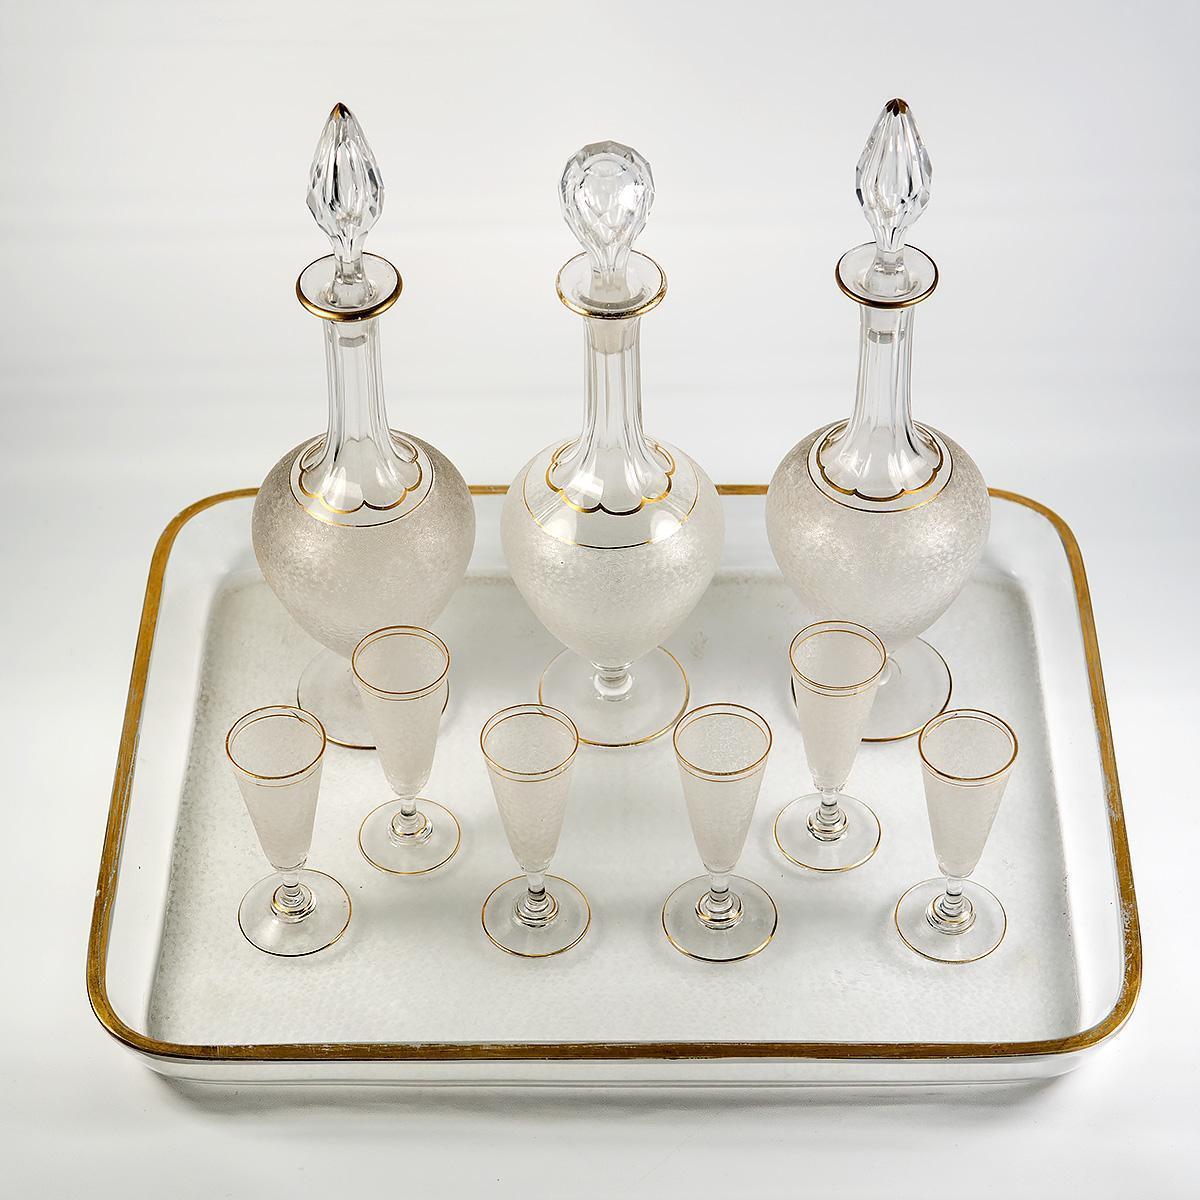 Antique French Liqueur Service, St. Louis - 3 Decanters, 6 Cordials, Stems